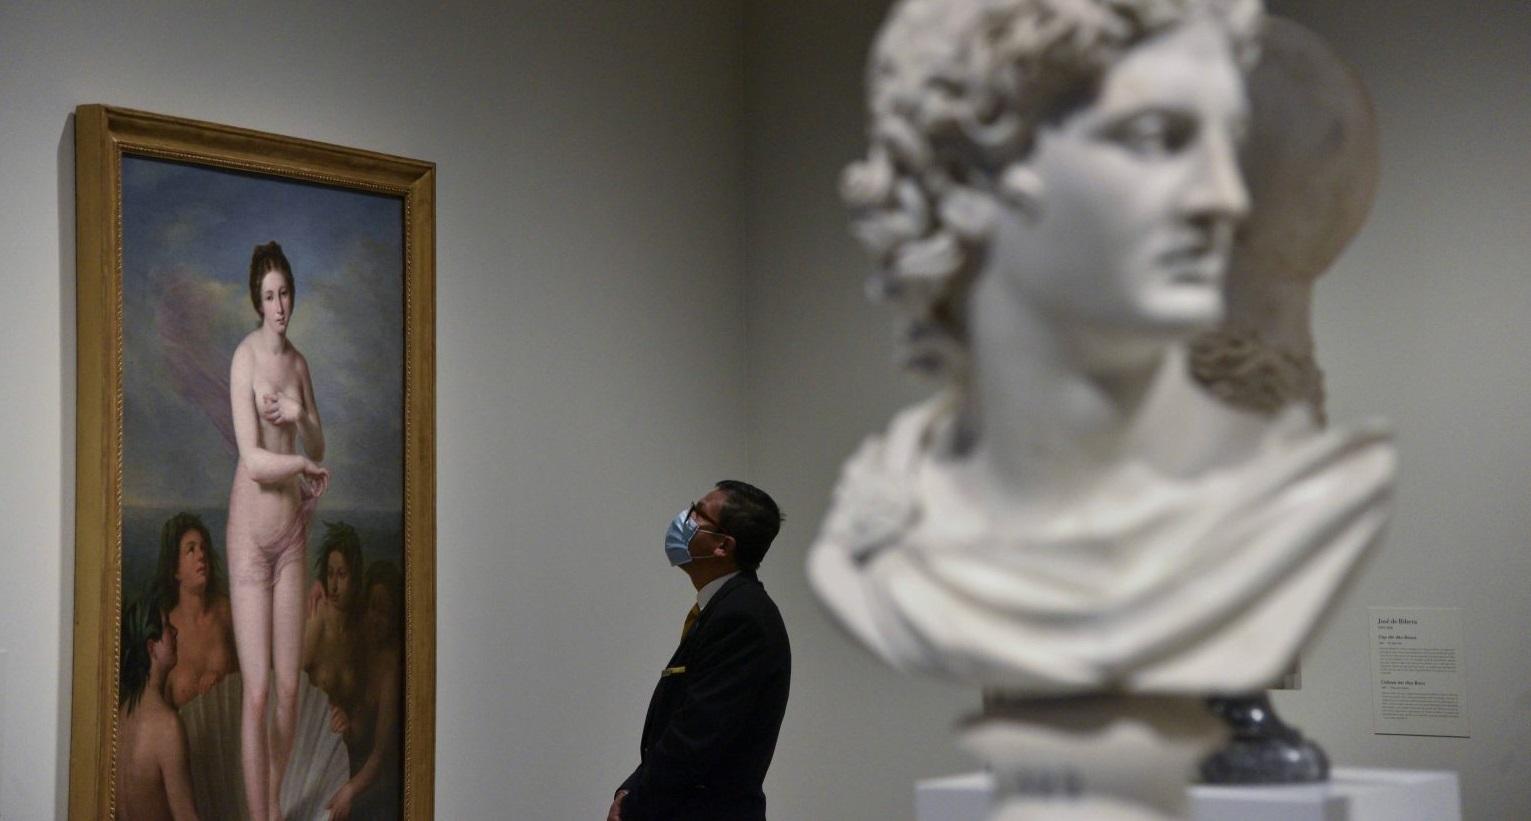 Exposición Arte y mito. Los dioses del Prado en CaixaForum Barcelona.